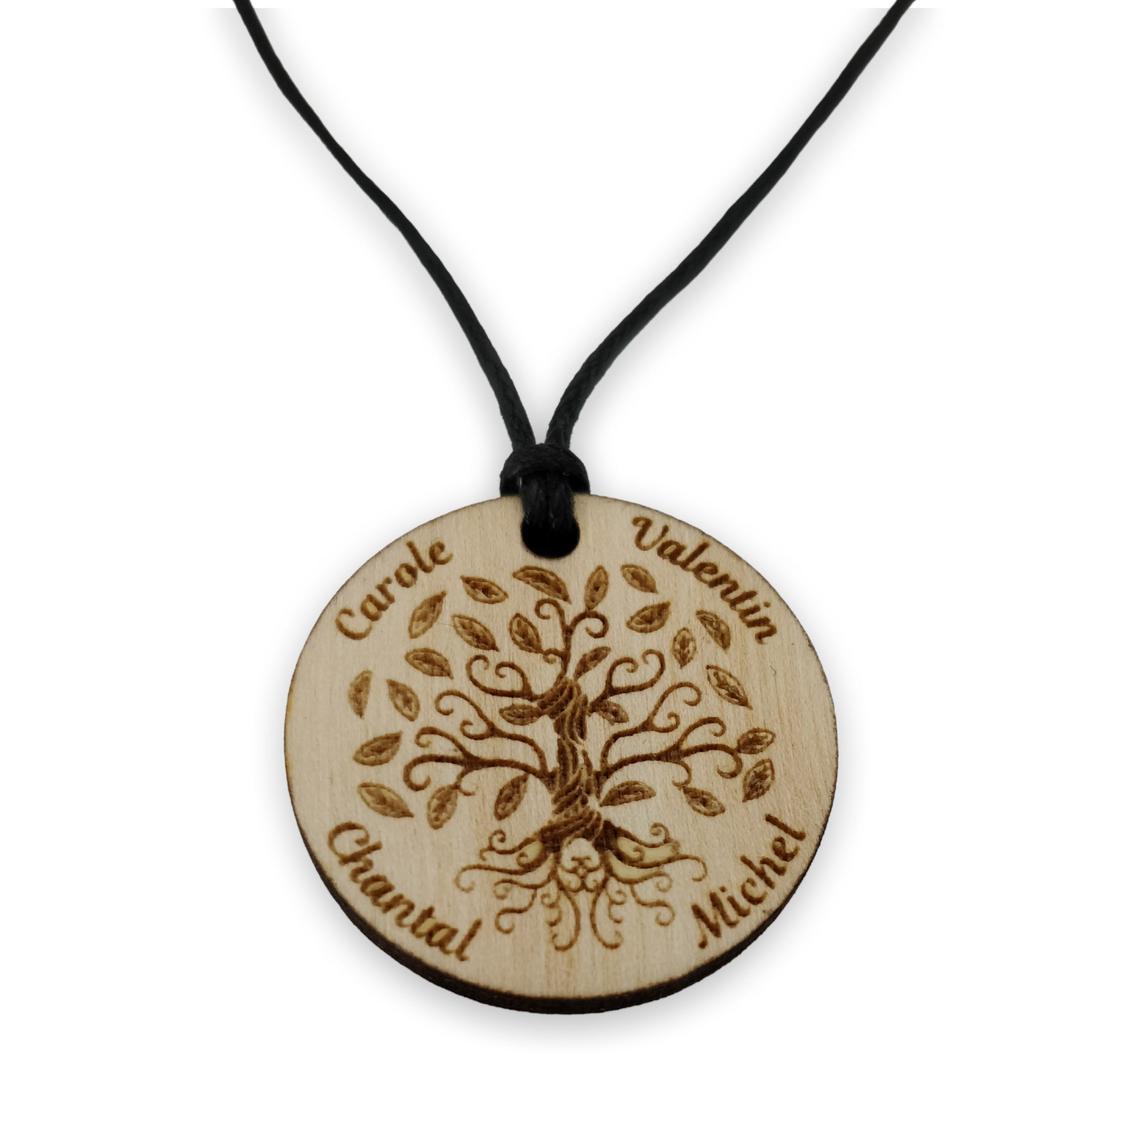 Collier arbre de vie personnalisé en bois gravé prénom famille